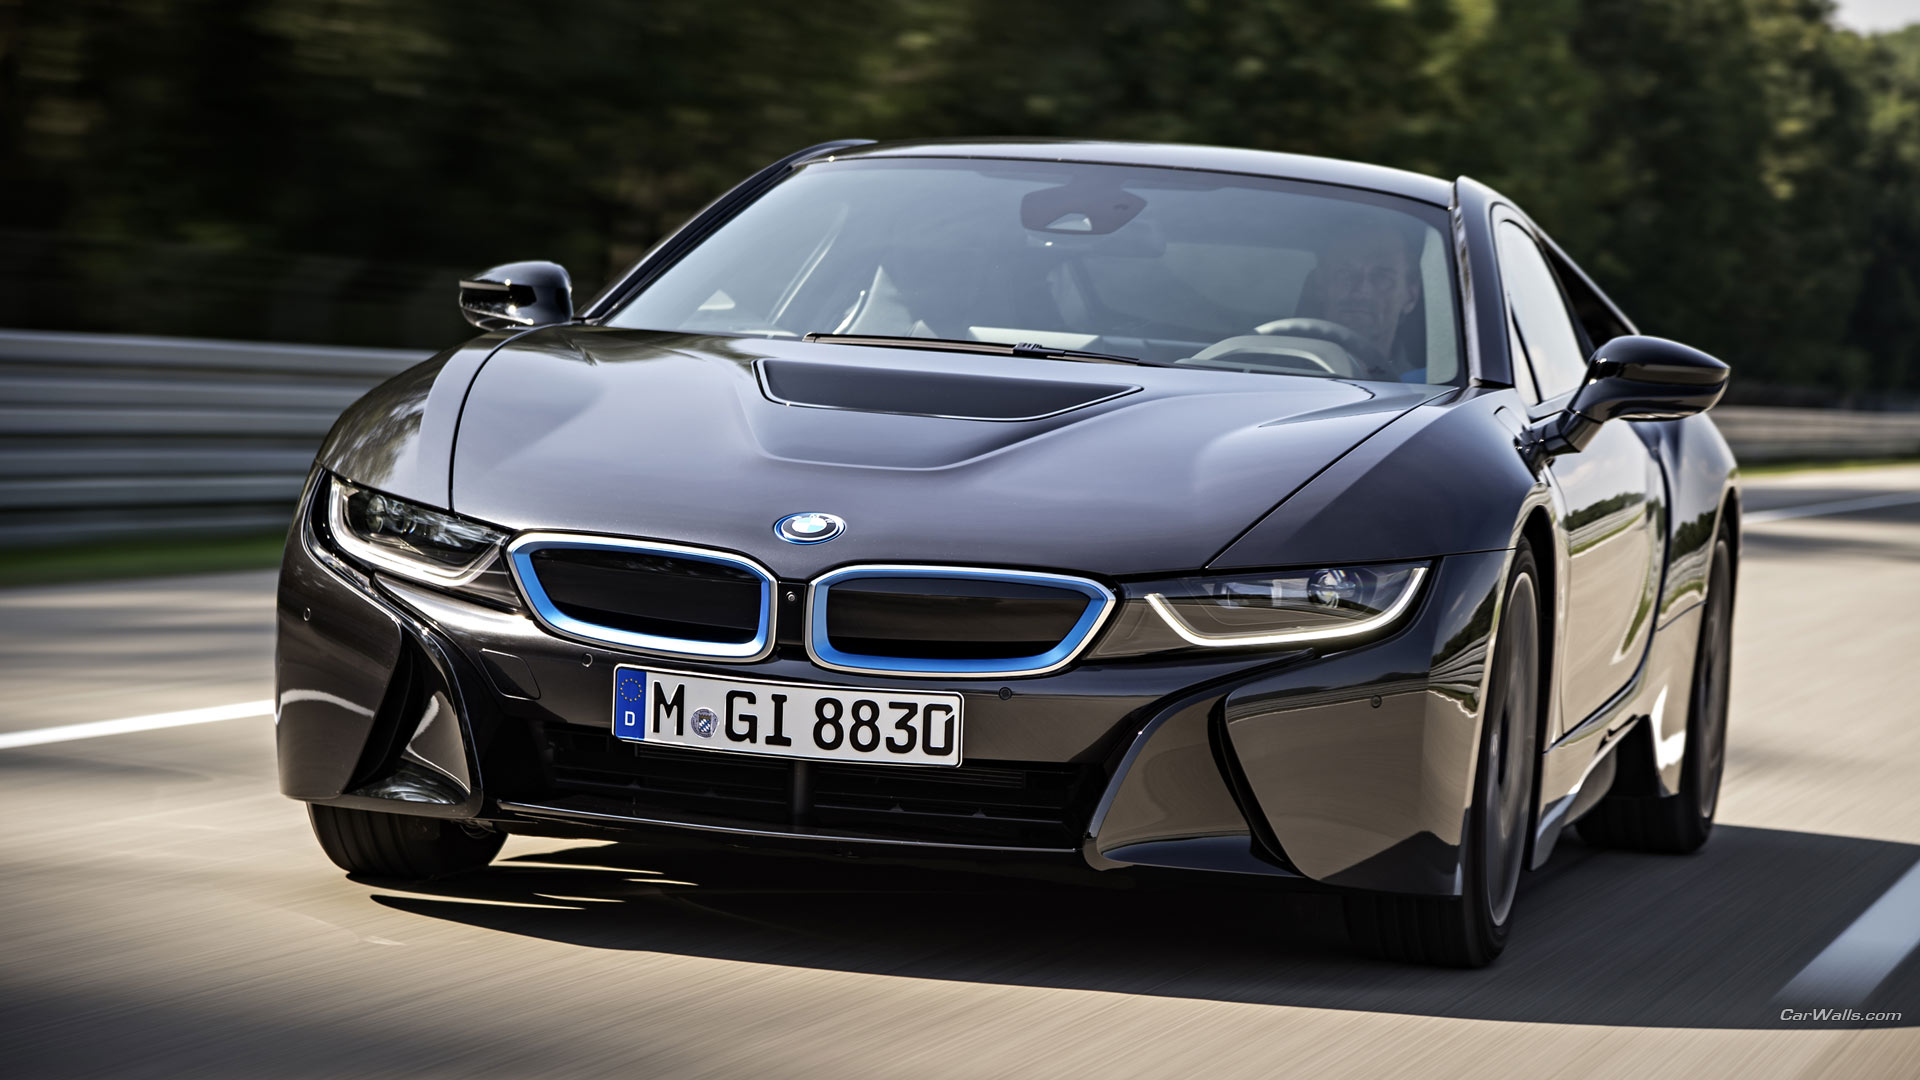 BMW i8 Wallpaper Desktop - WallpaperSafari